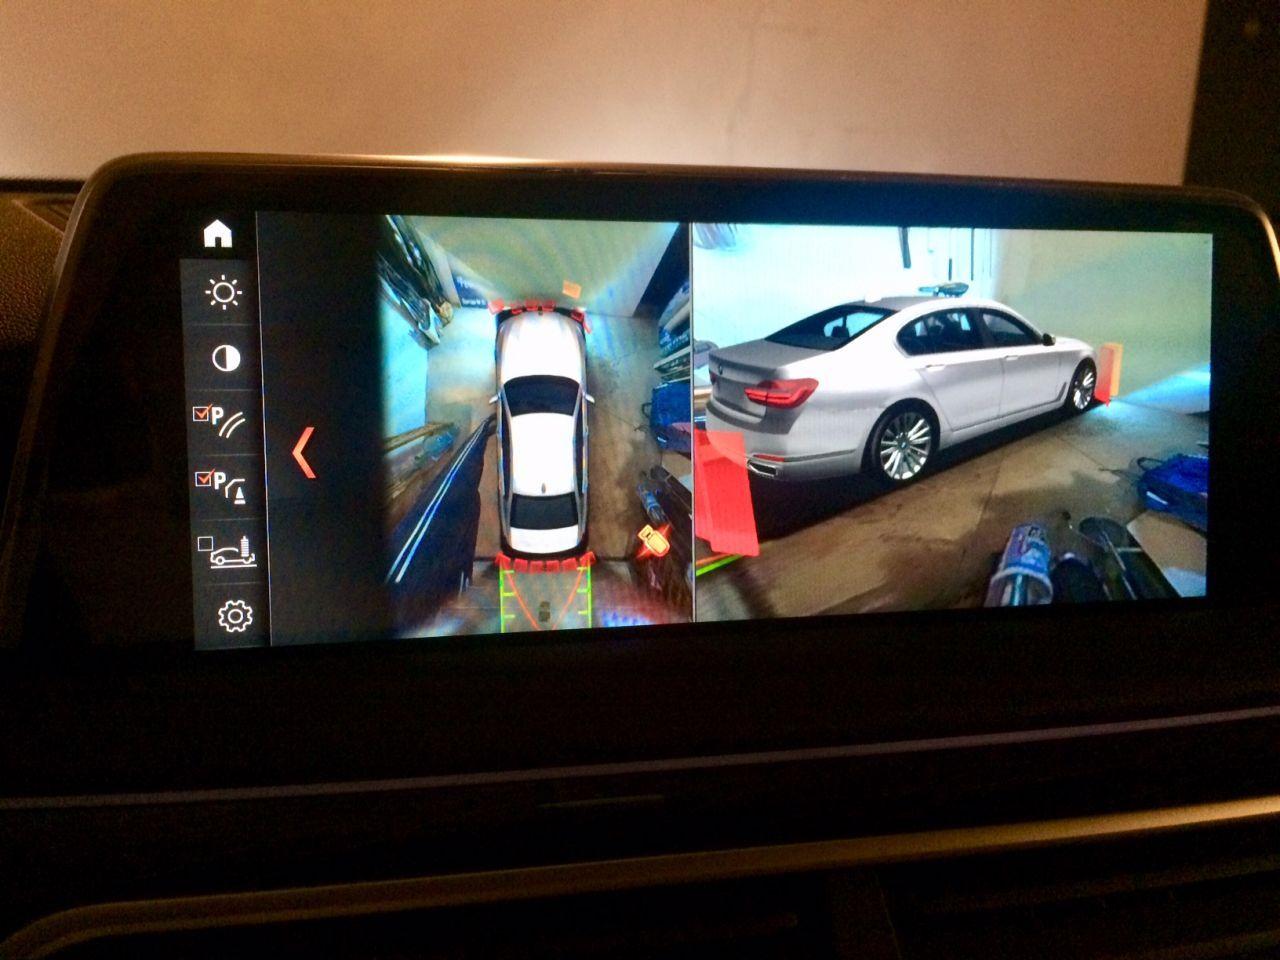 Комп рисует проекцию машины и показывает чьи-то ноги :)